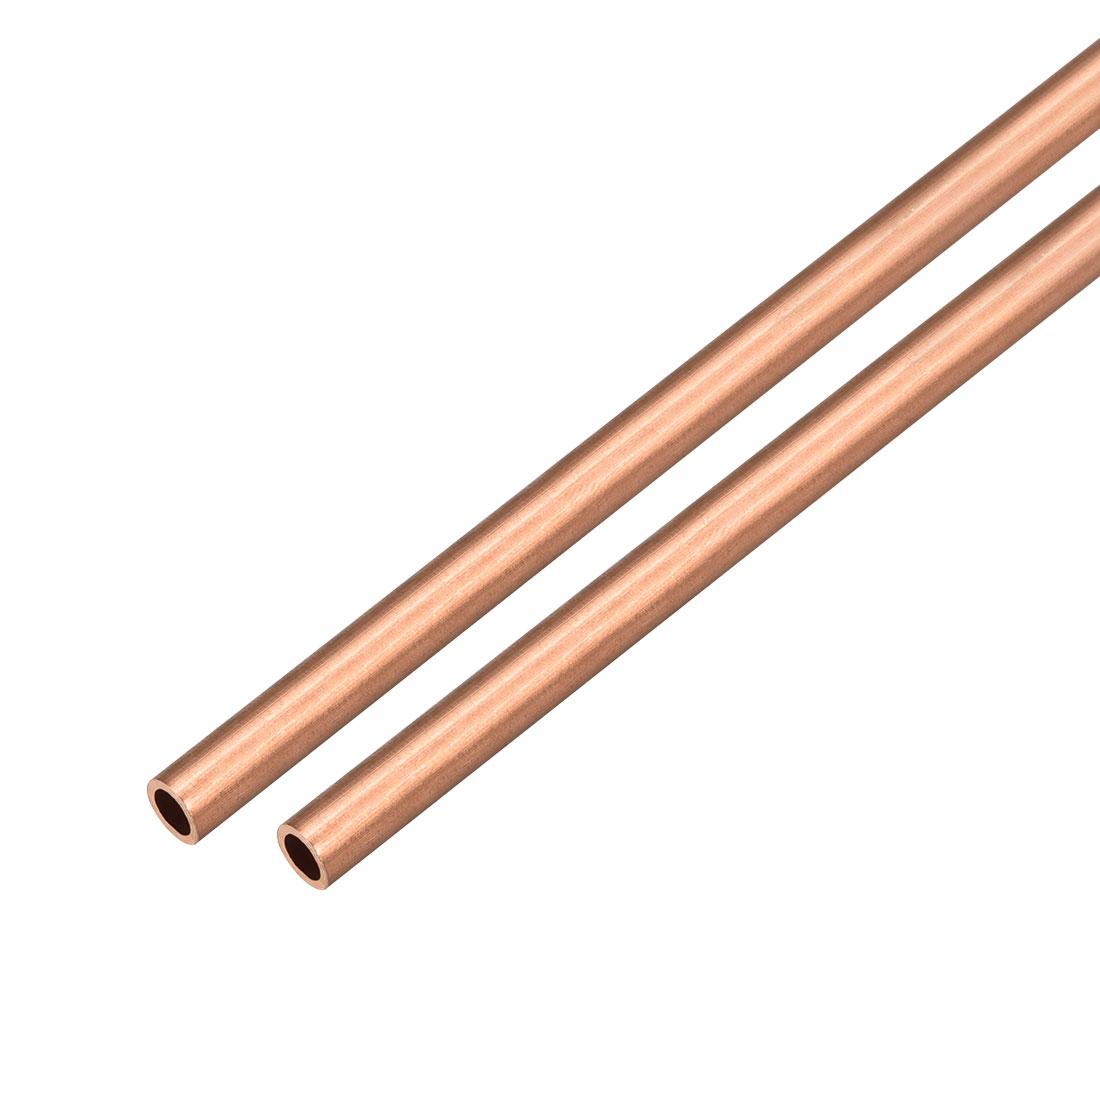 2Pcs 6mm Outside Diameter x 4mm Inside Diameter 500mm Copper Round Tube Pipe